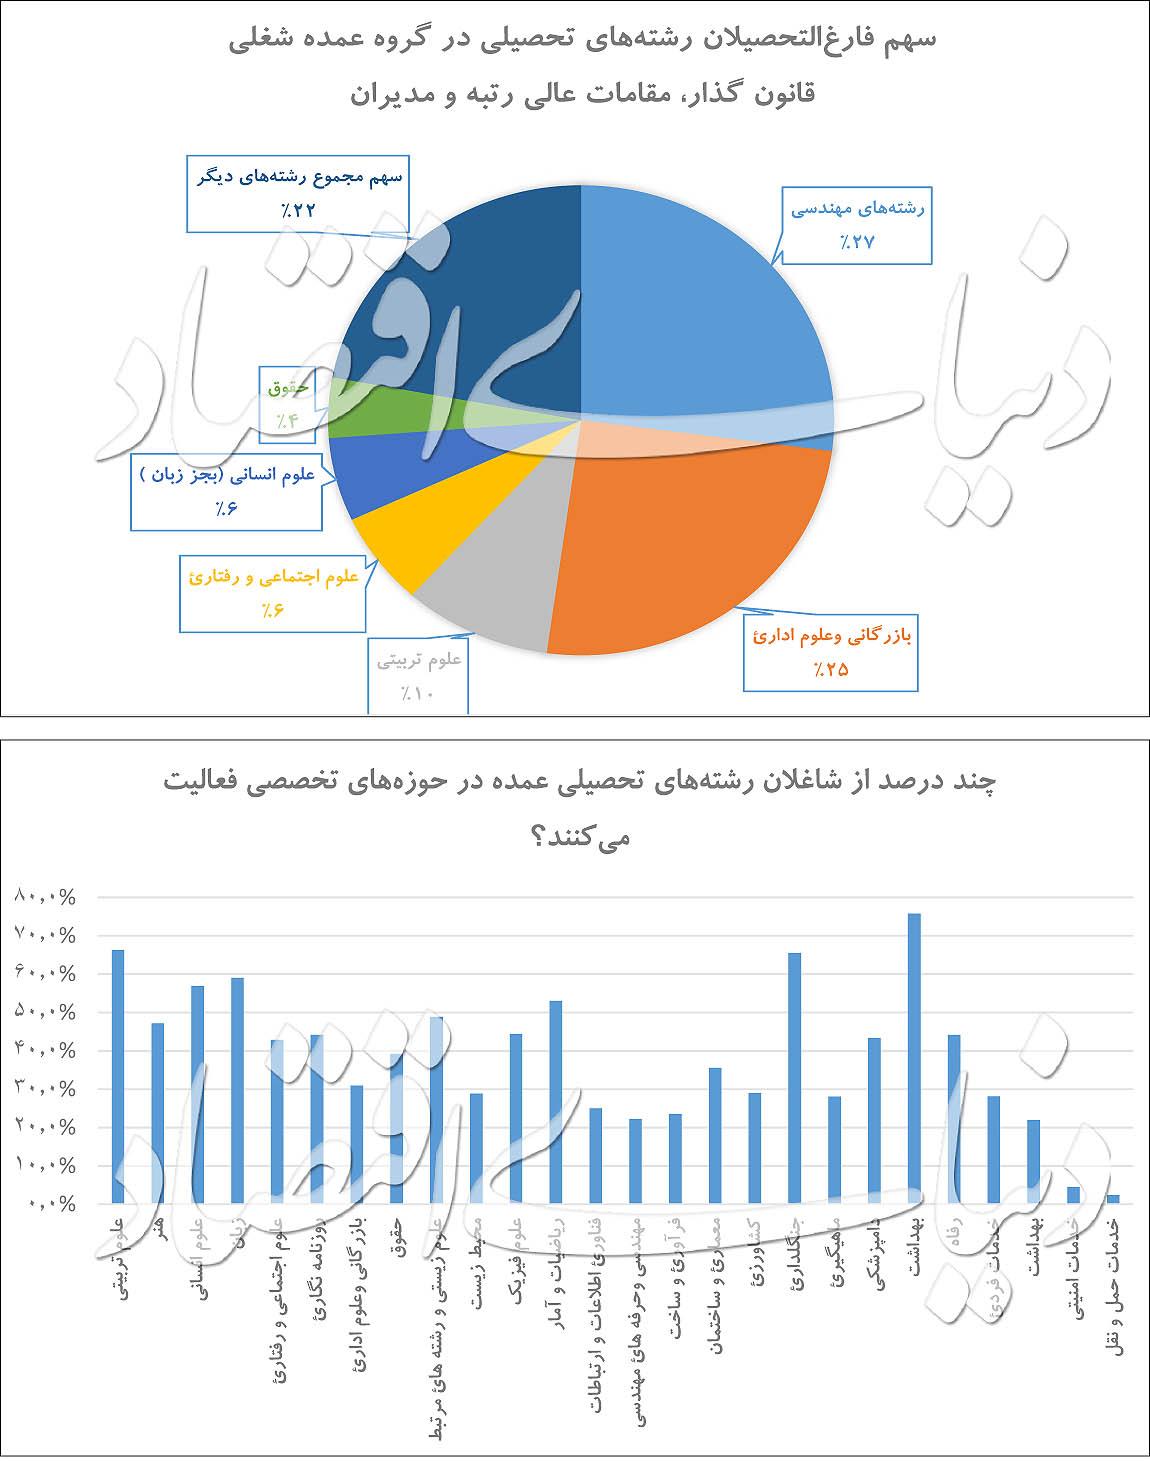 مدرک تحصیلات نیم میلیون مدیر ایرانی چیست؟